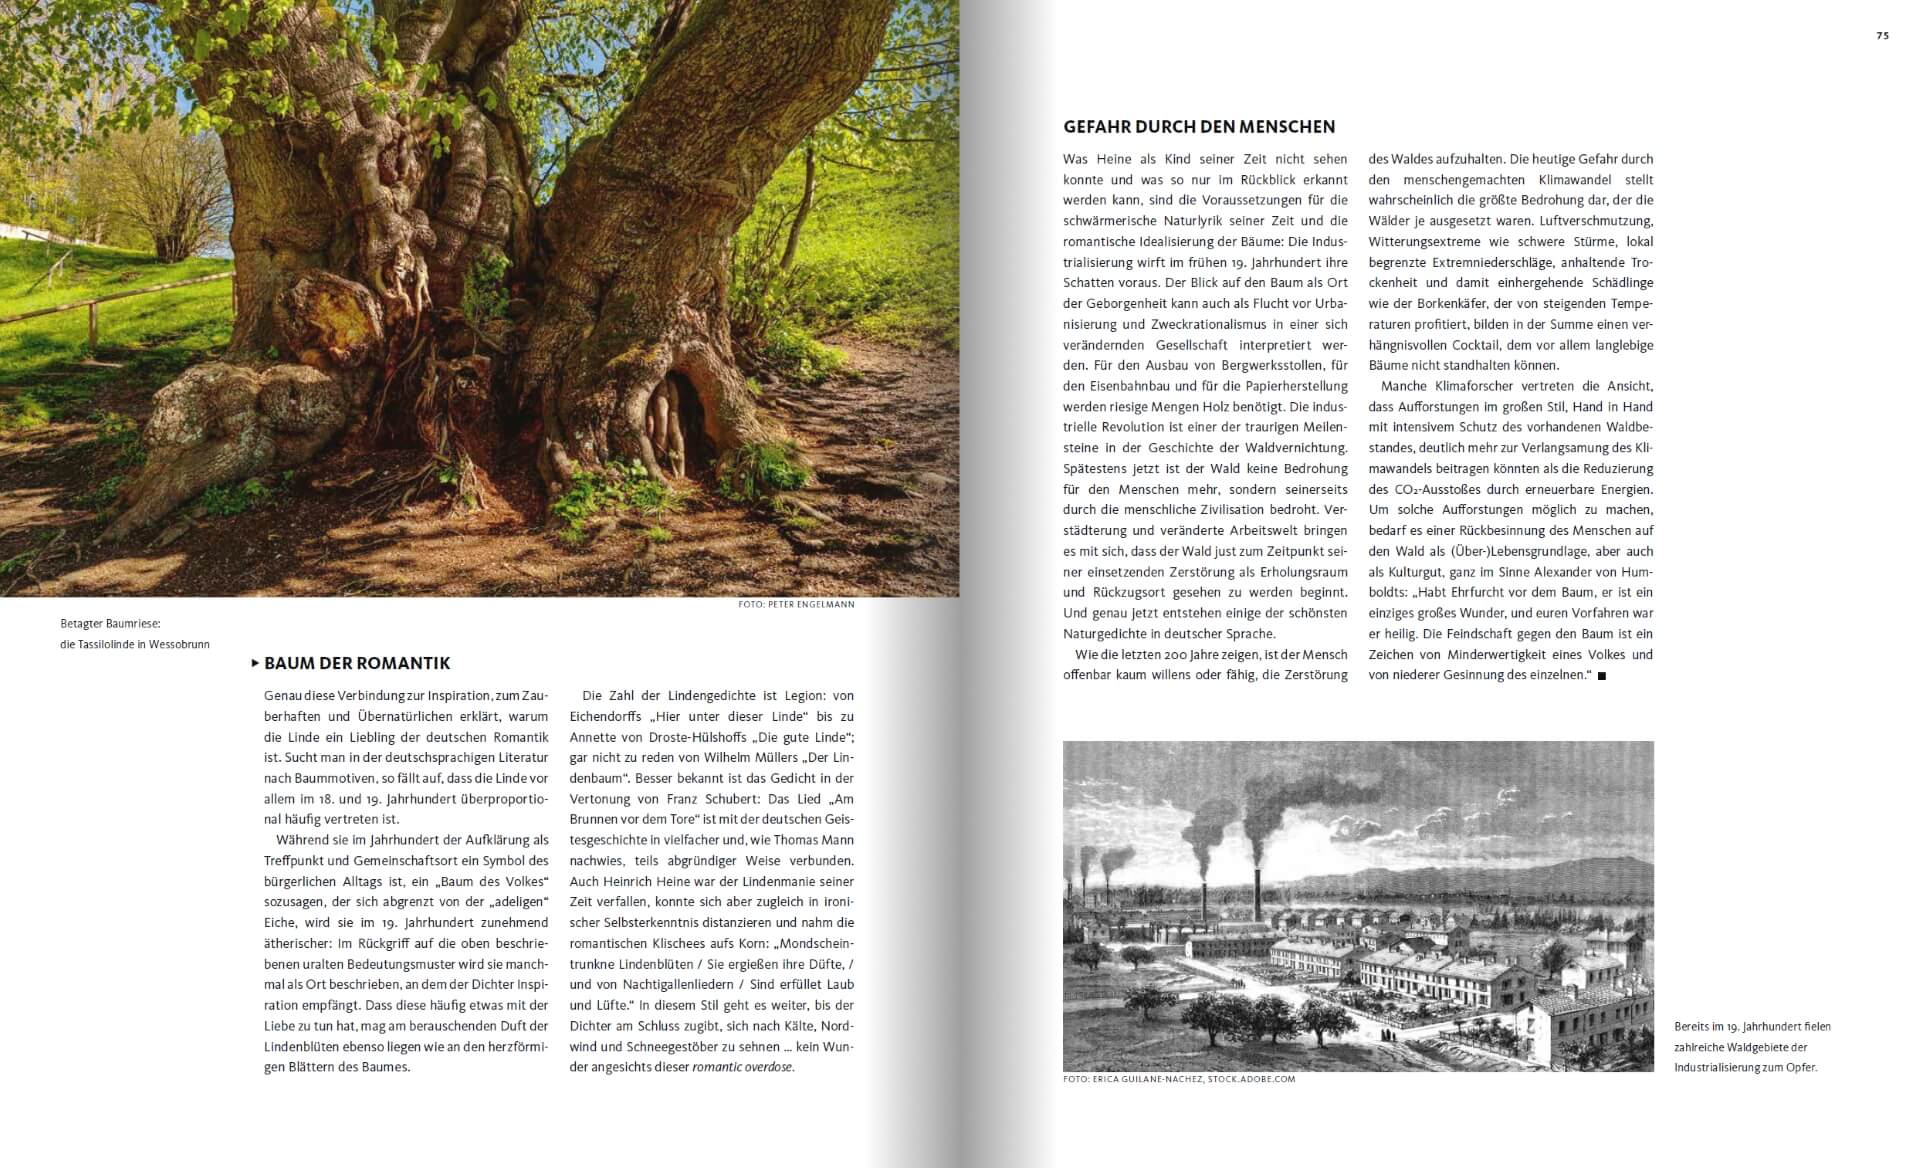 GARTENDESIGN INSPIRATION Ausgabe 3/2019: Wunderwerk der Natur: Die Linde